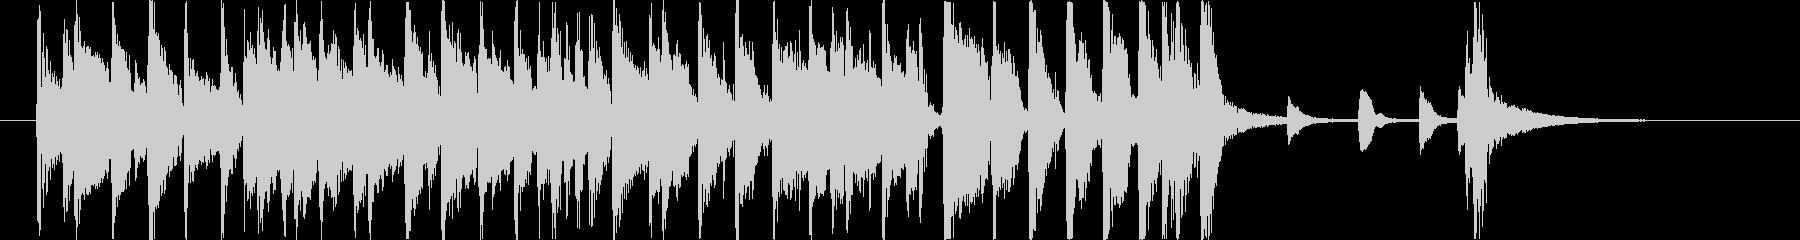 ジャズカルテットのジングルの未再生の波形